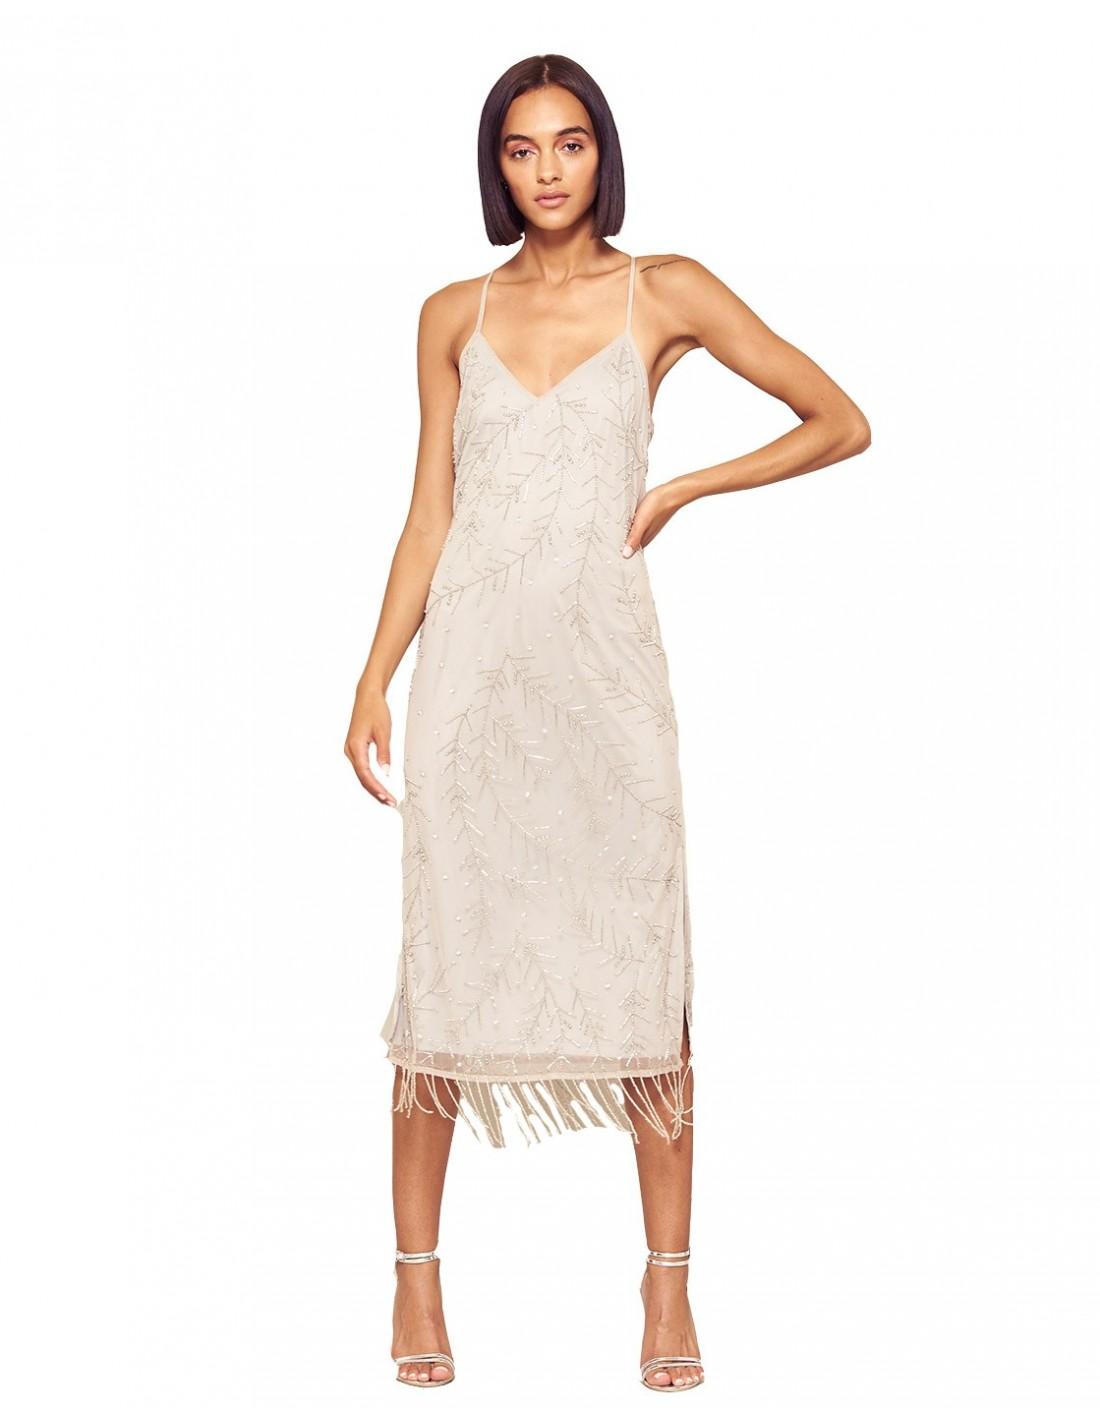 Vestido De Cóctel Plata Con Tirantes Y Adorno De Flecos Invitadisima Talla Ropa 36 Colores Plata